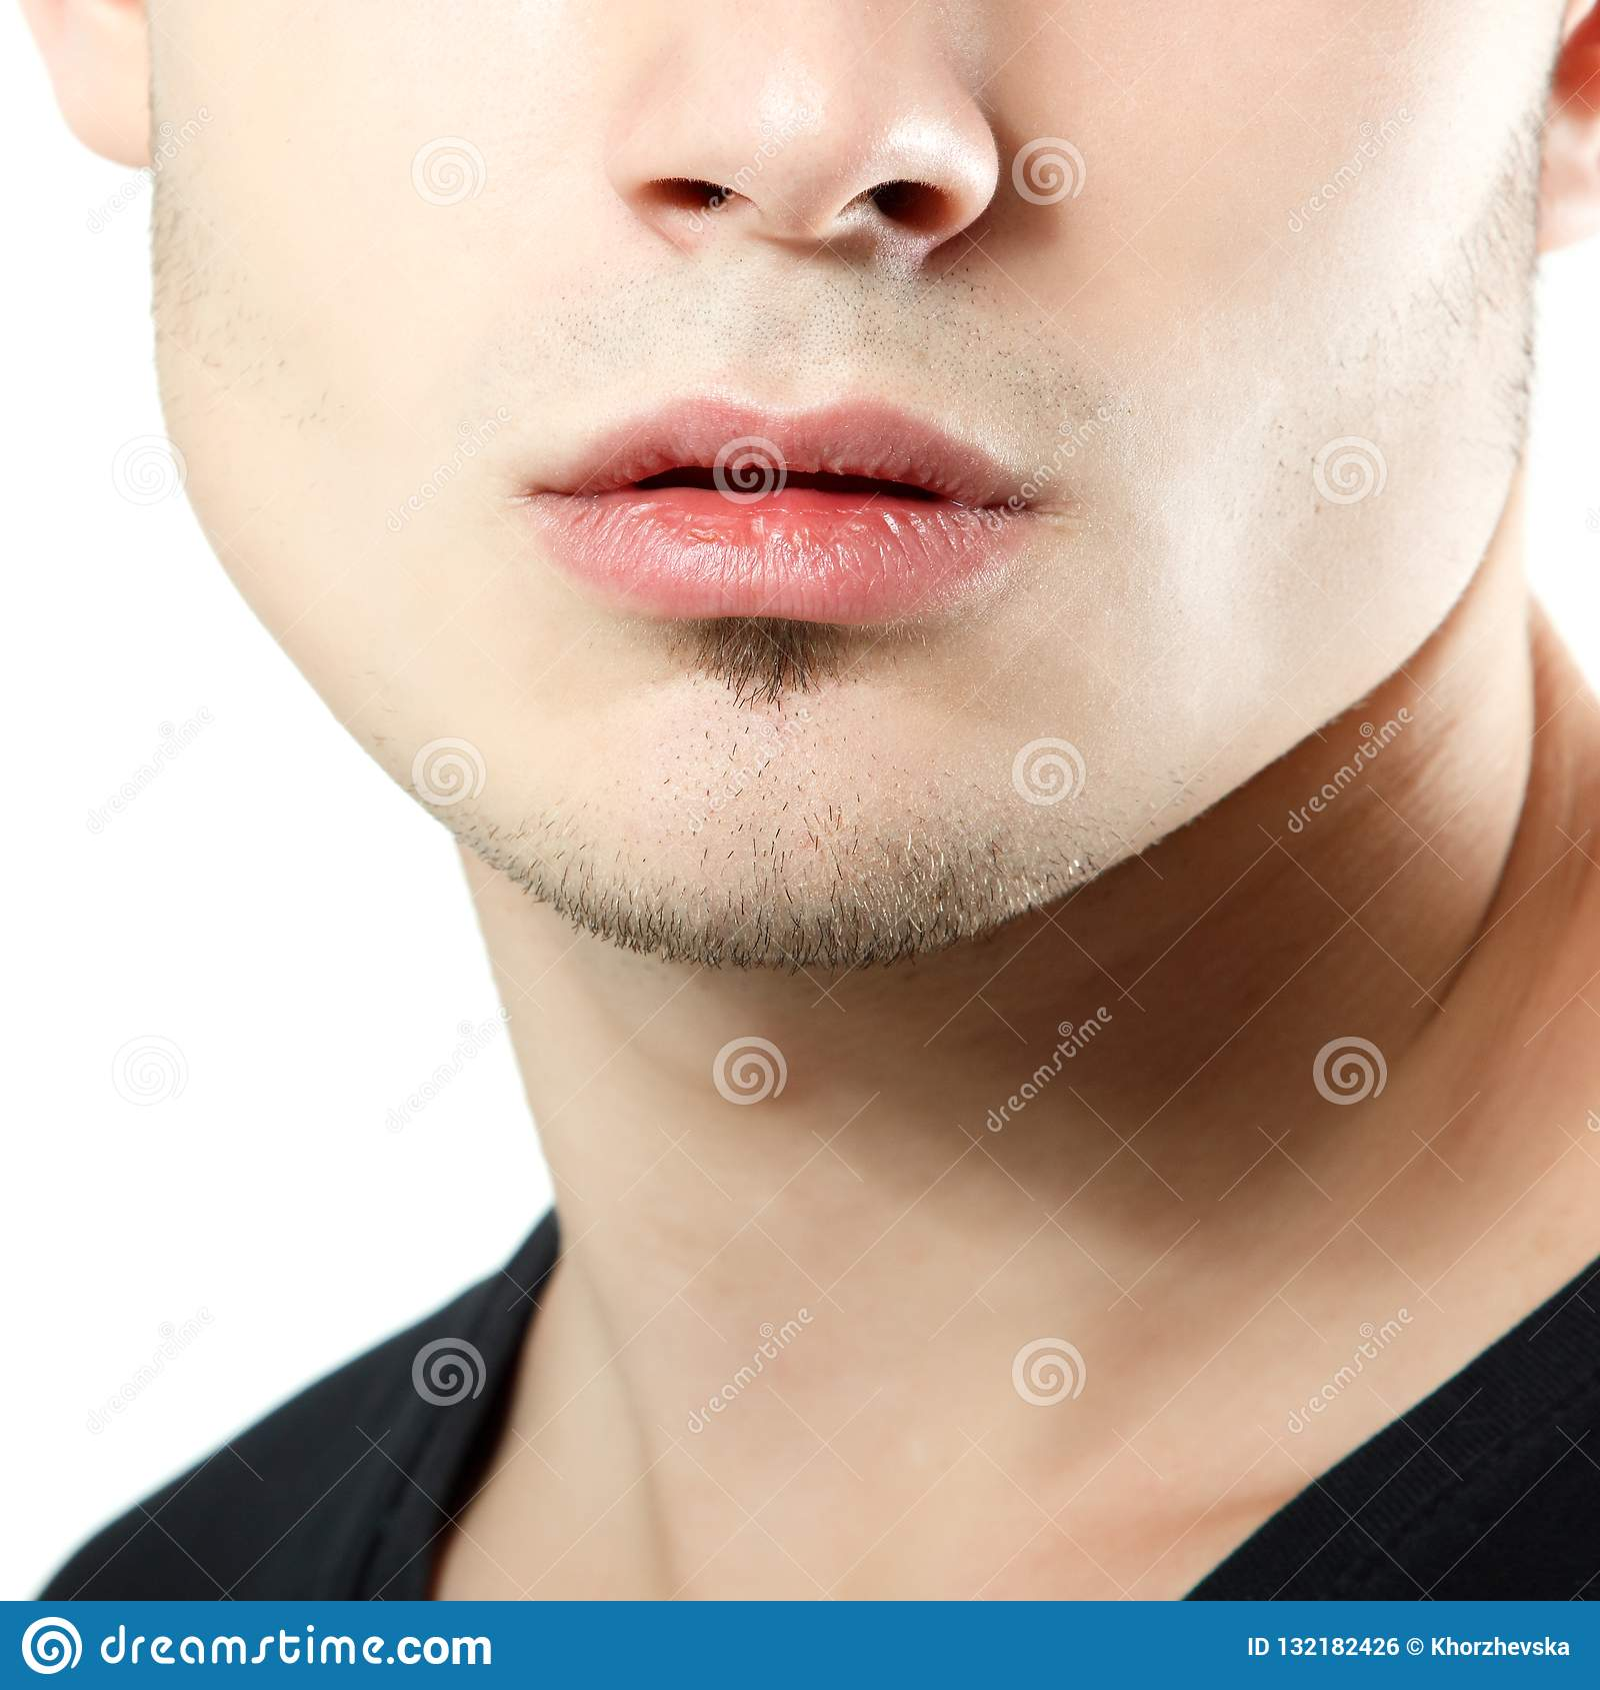 Coseup masculino de los labios, de la barbilla y del pómulo, detalle de la cara del hombre joven